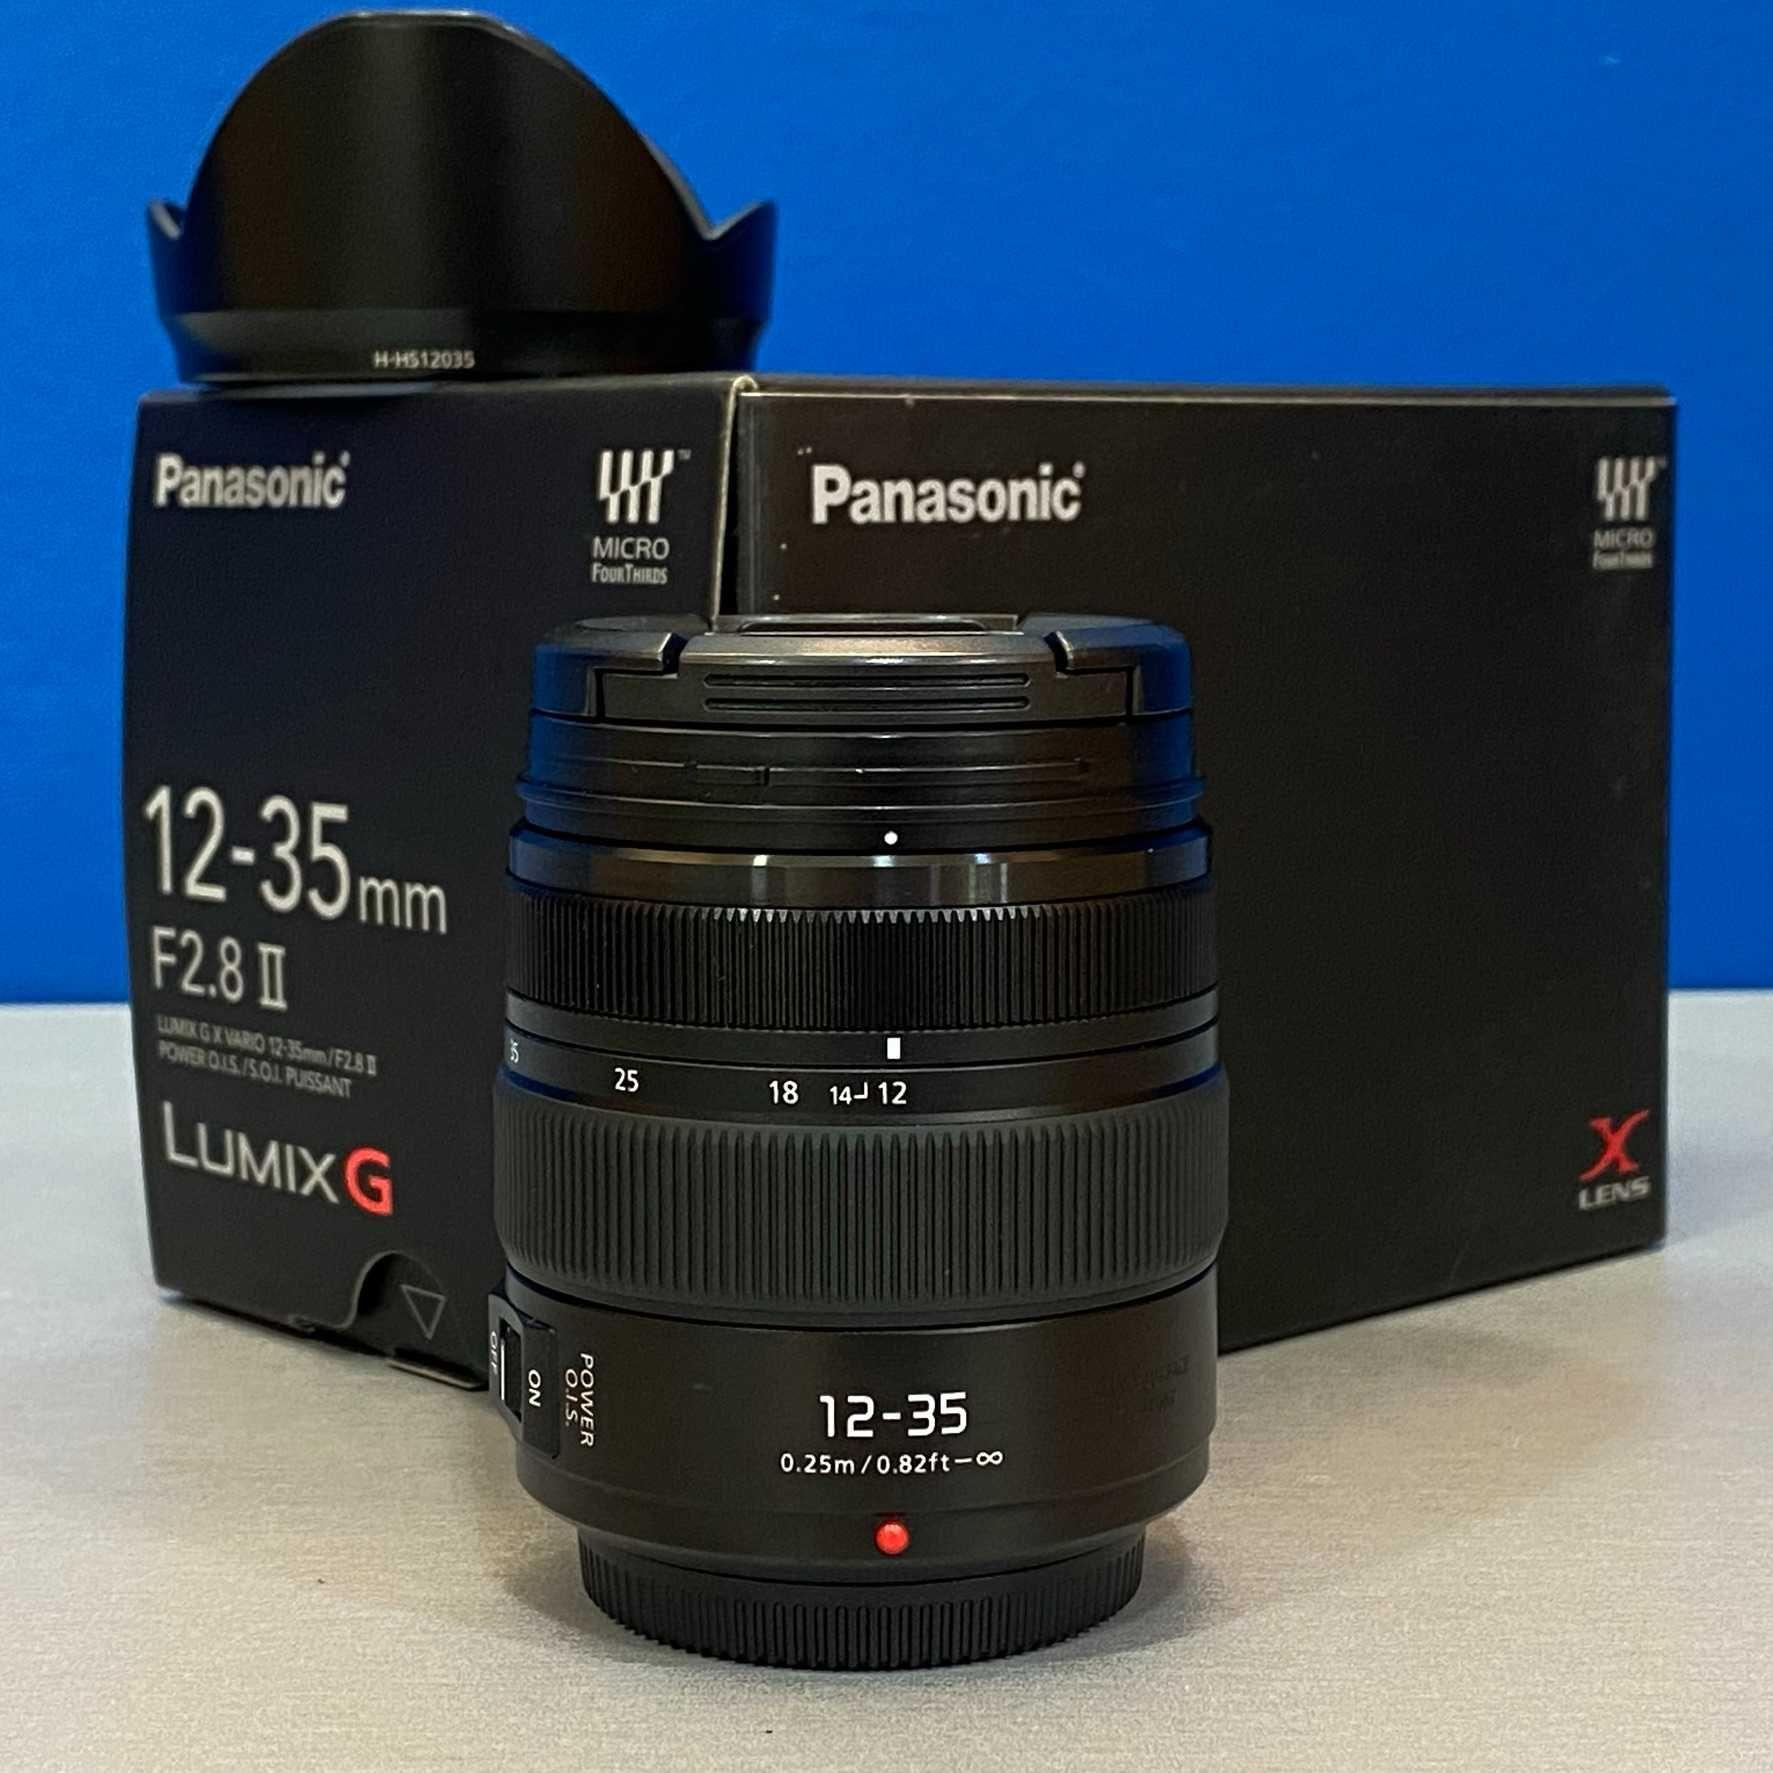 Panasonic Lumix 12-35mm f/2.8 II ASPH Power O.I.S